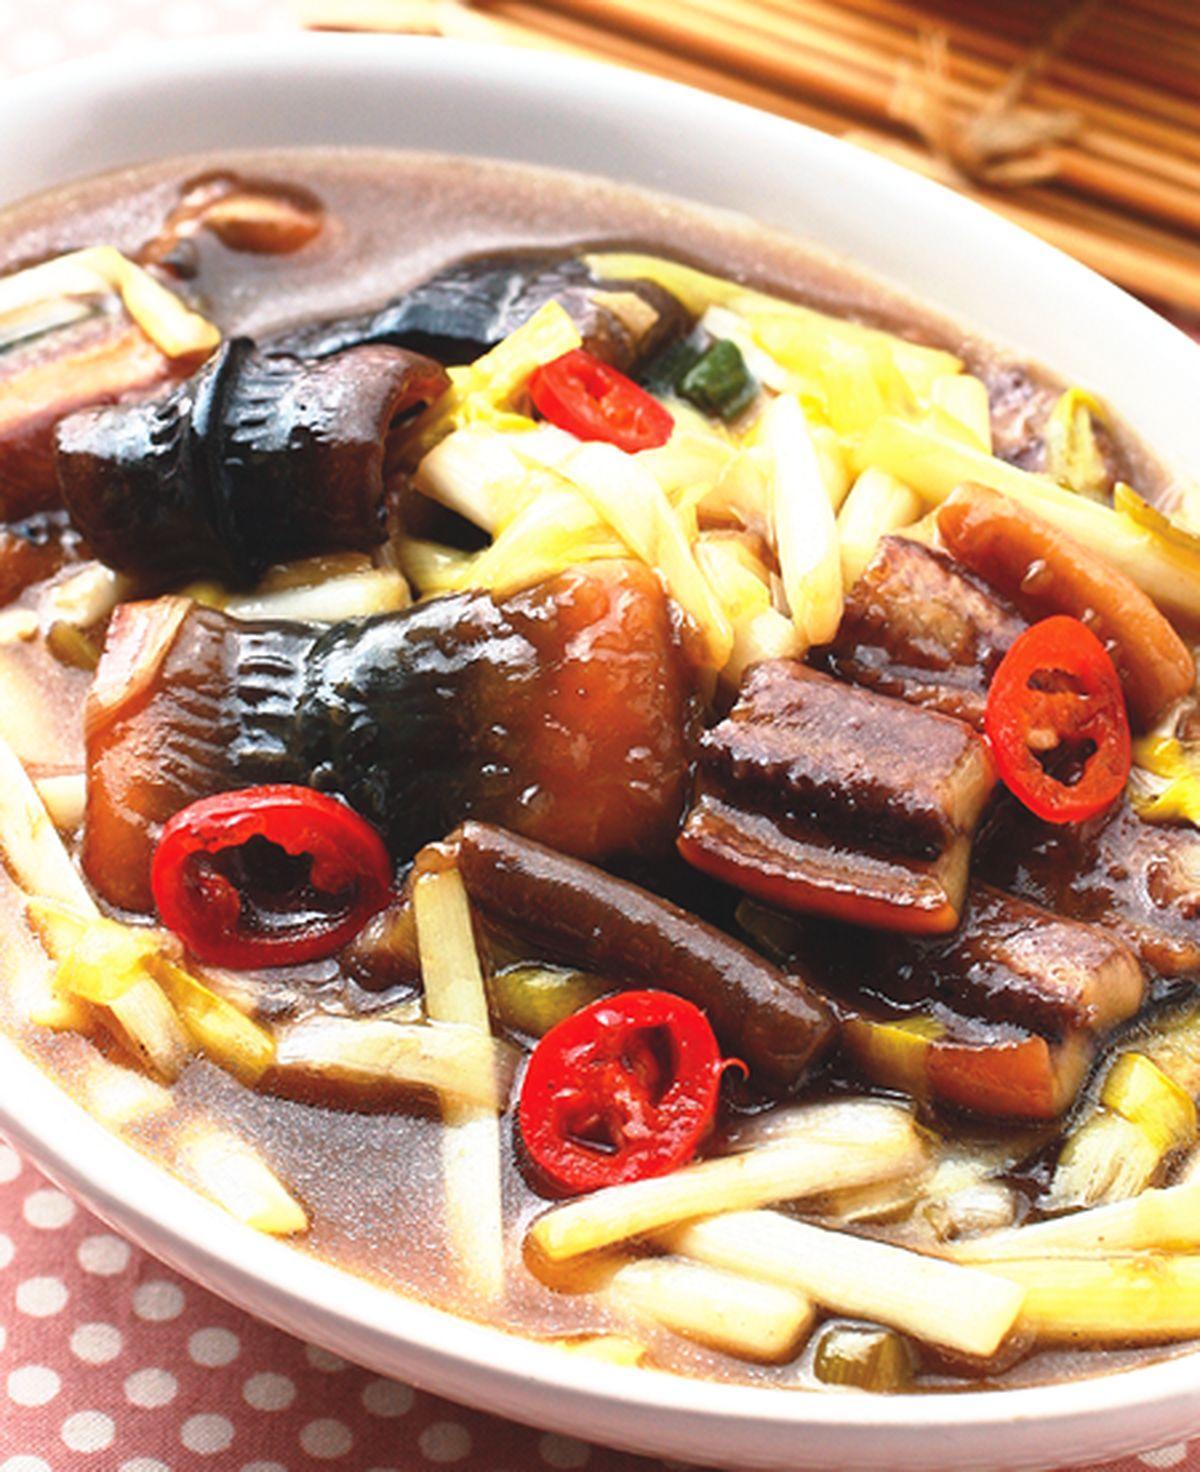 食譜:韭黃炒鱔魚